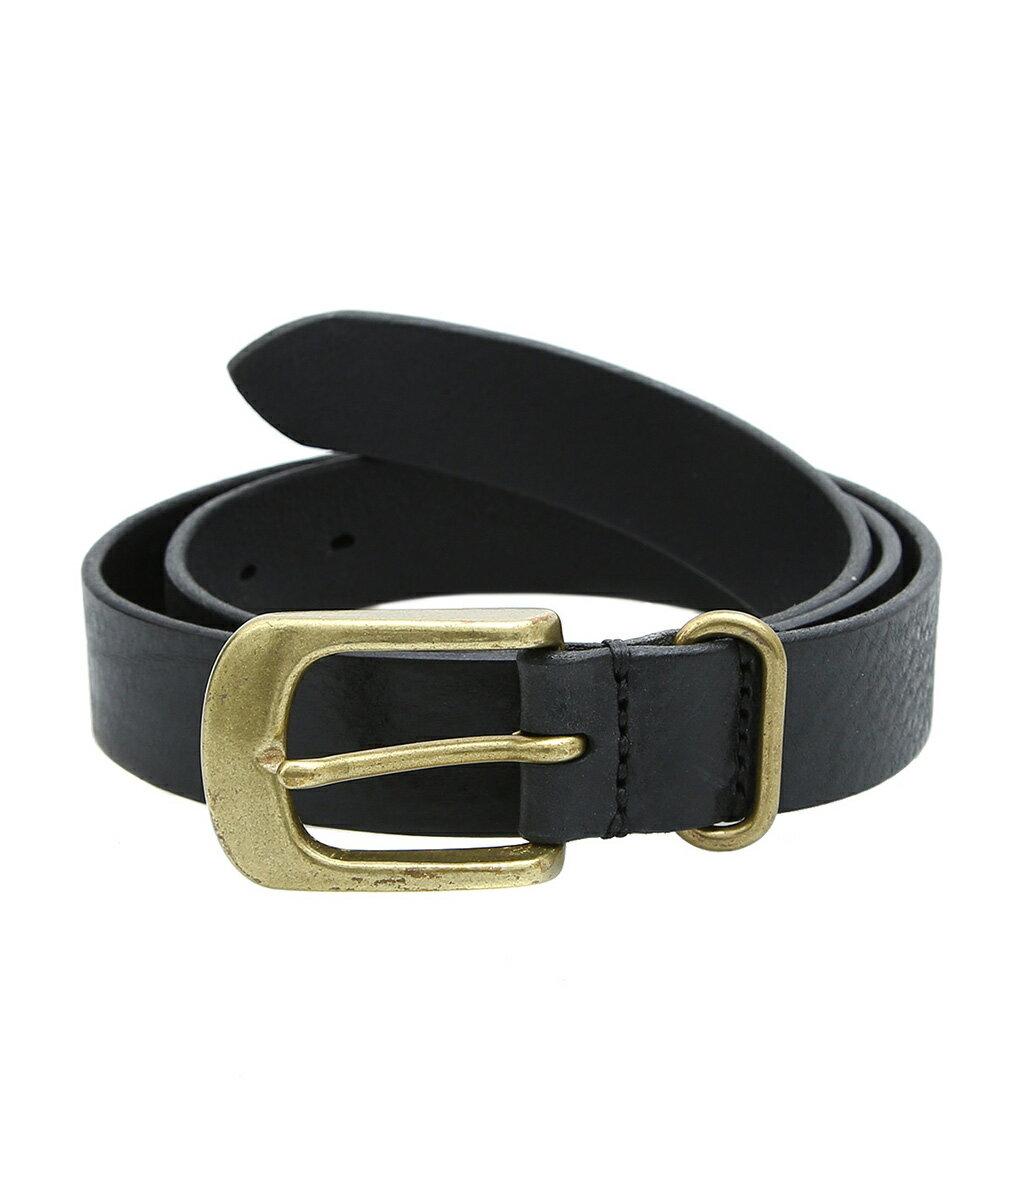 財布・ケース, メンズ財布 Hender Scheme shrink shoulder belt li-rc-ssbRIPBJB